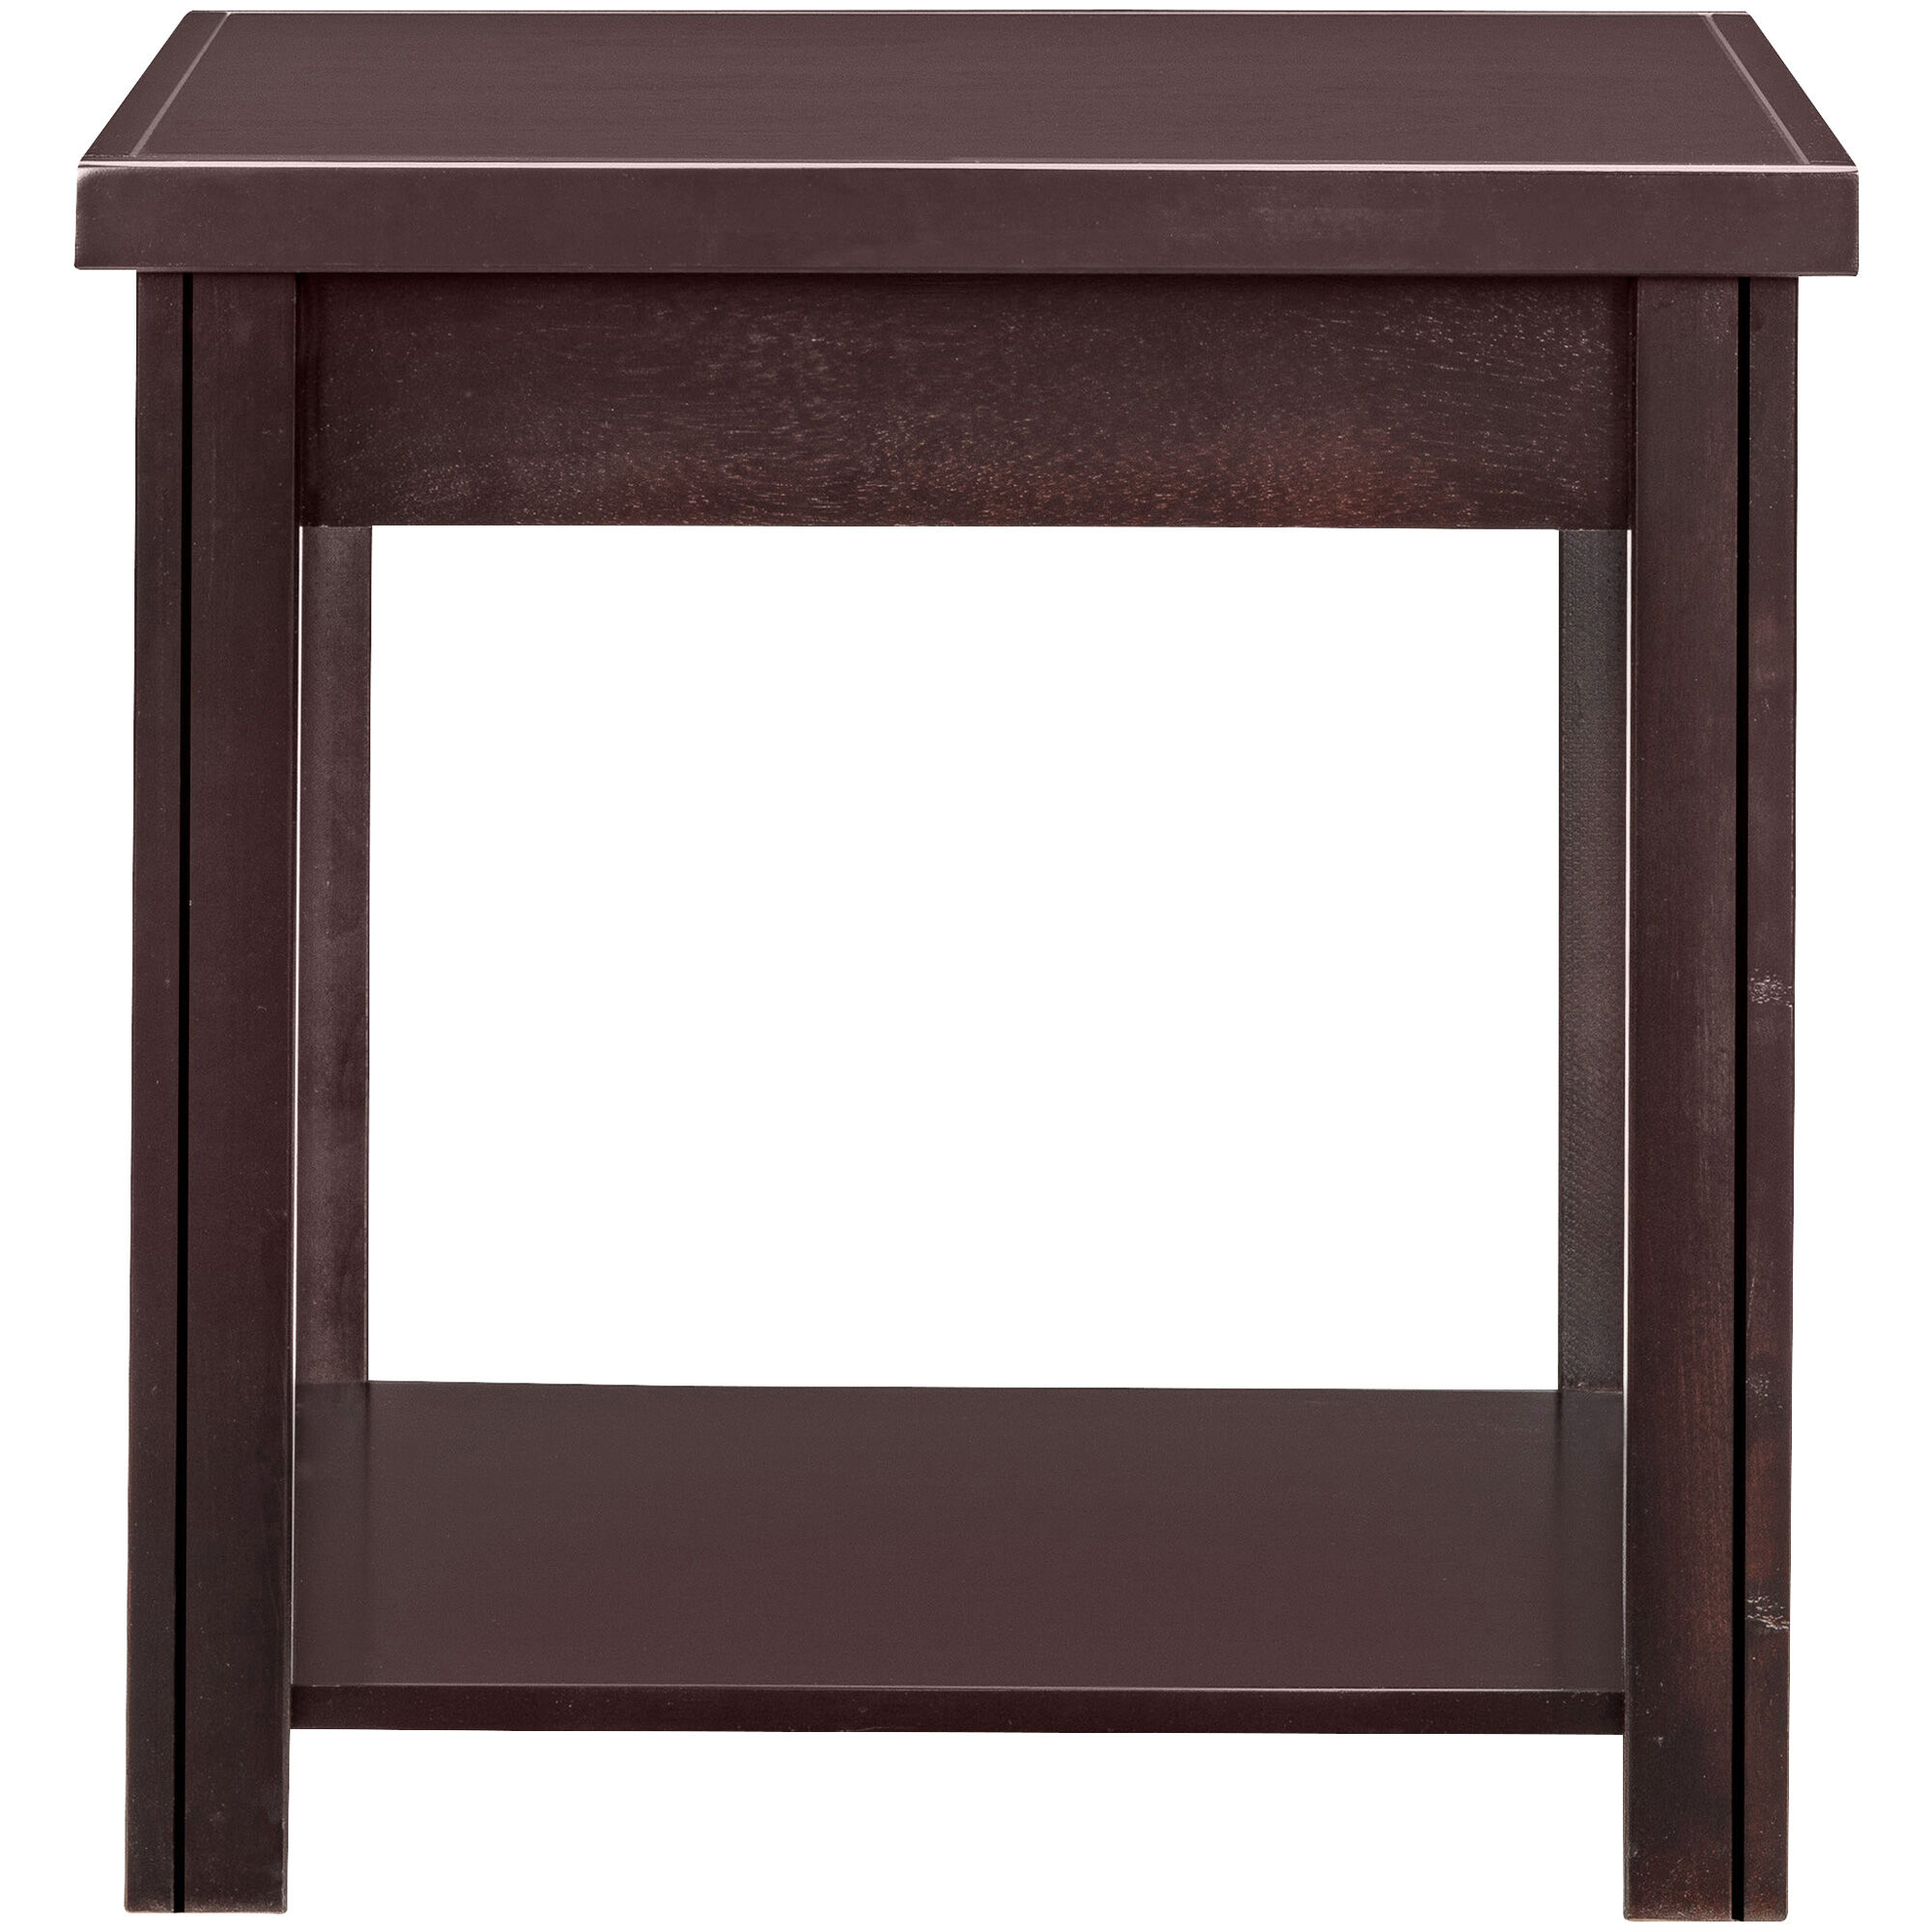 Slumberland Furniture Lockwood Mocha End Table